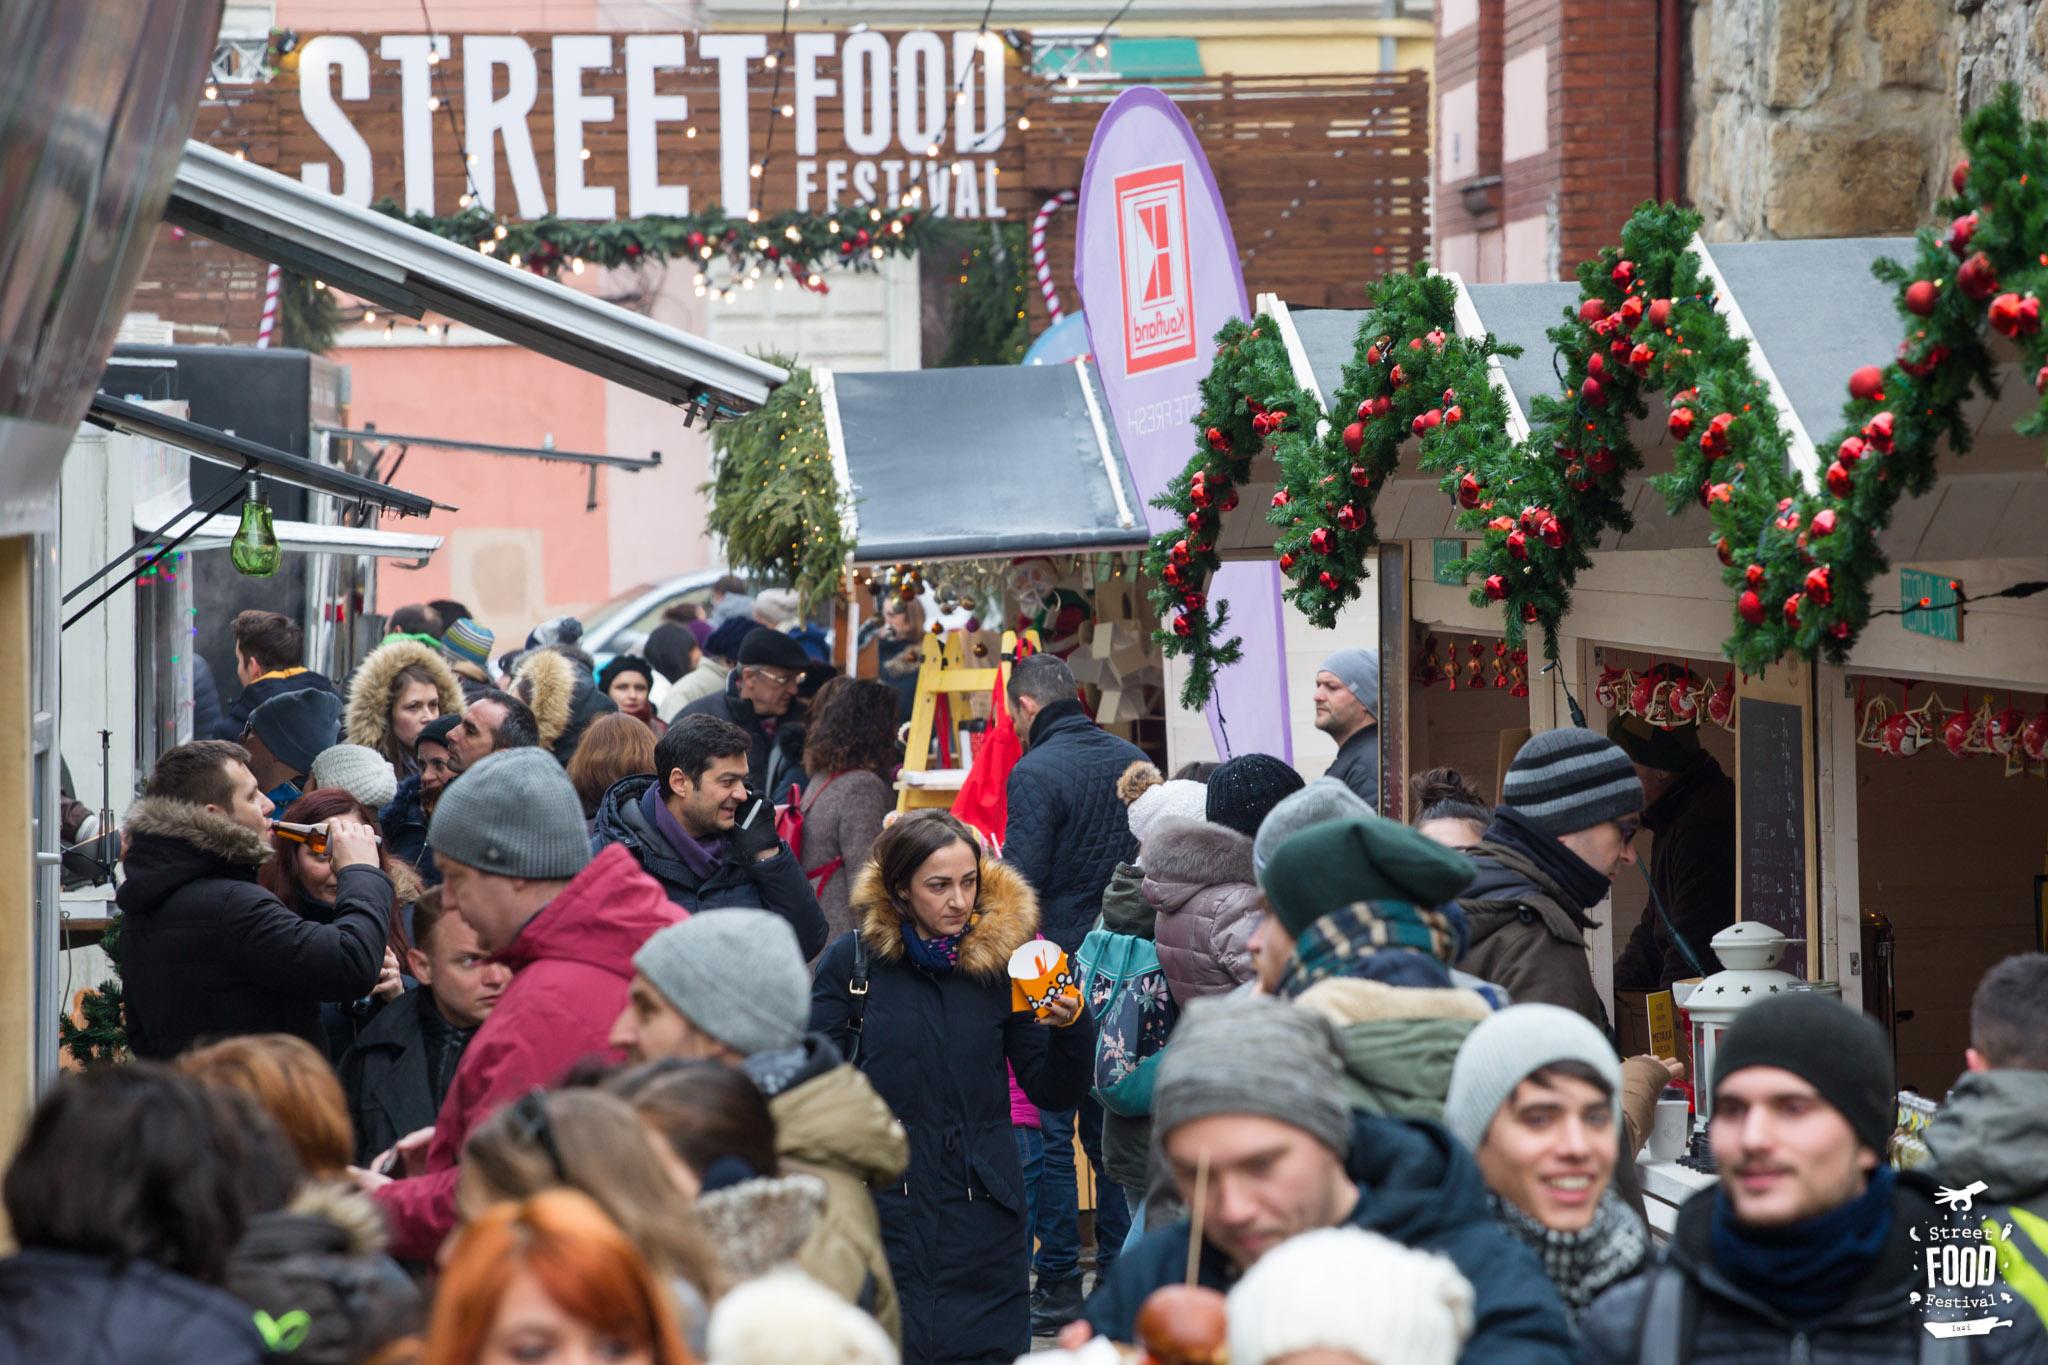 30.000 gurmanzi clujeni s-au bucurat de ediția de iarnă Street Food Festival Christmas Goodies